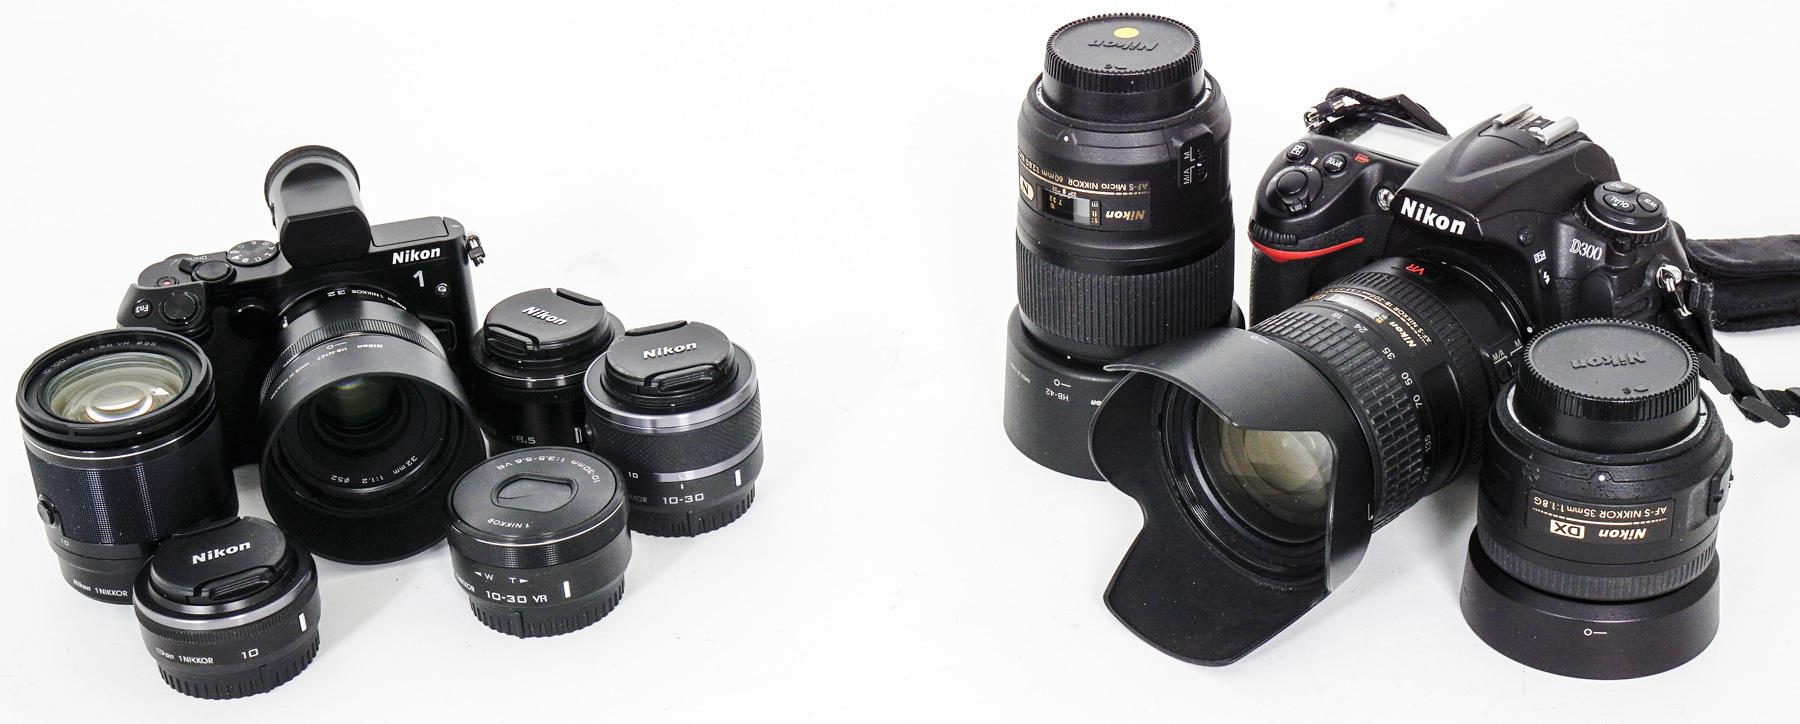 KRYMPET: Nikon 1 V3 fremstår som et krympet kamerasystem, her satt opp ved siden av et klassisk Nikon-speilreflekssystem med en Nikon D300.